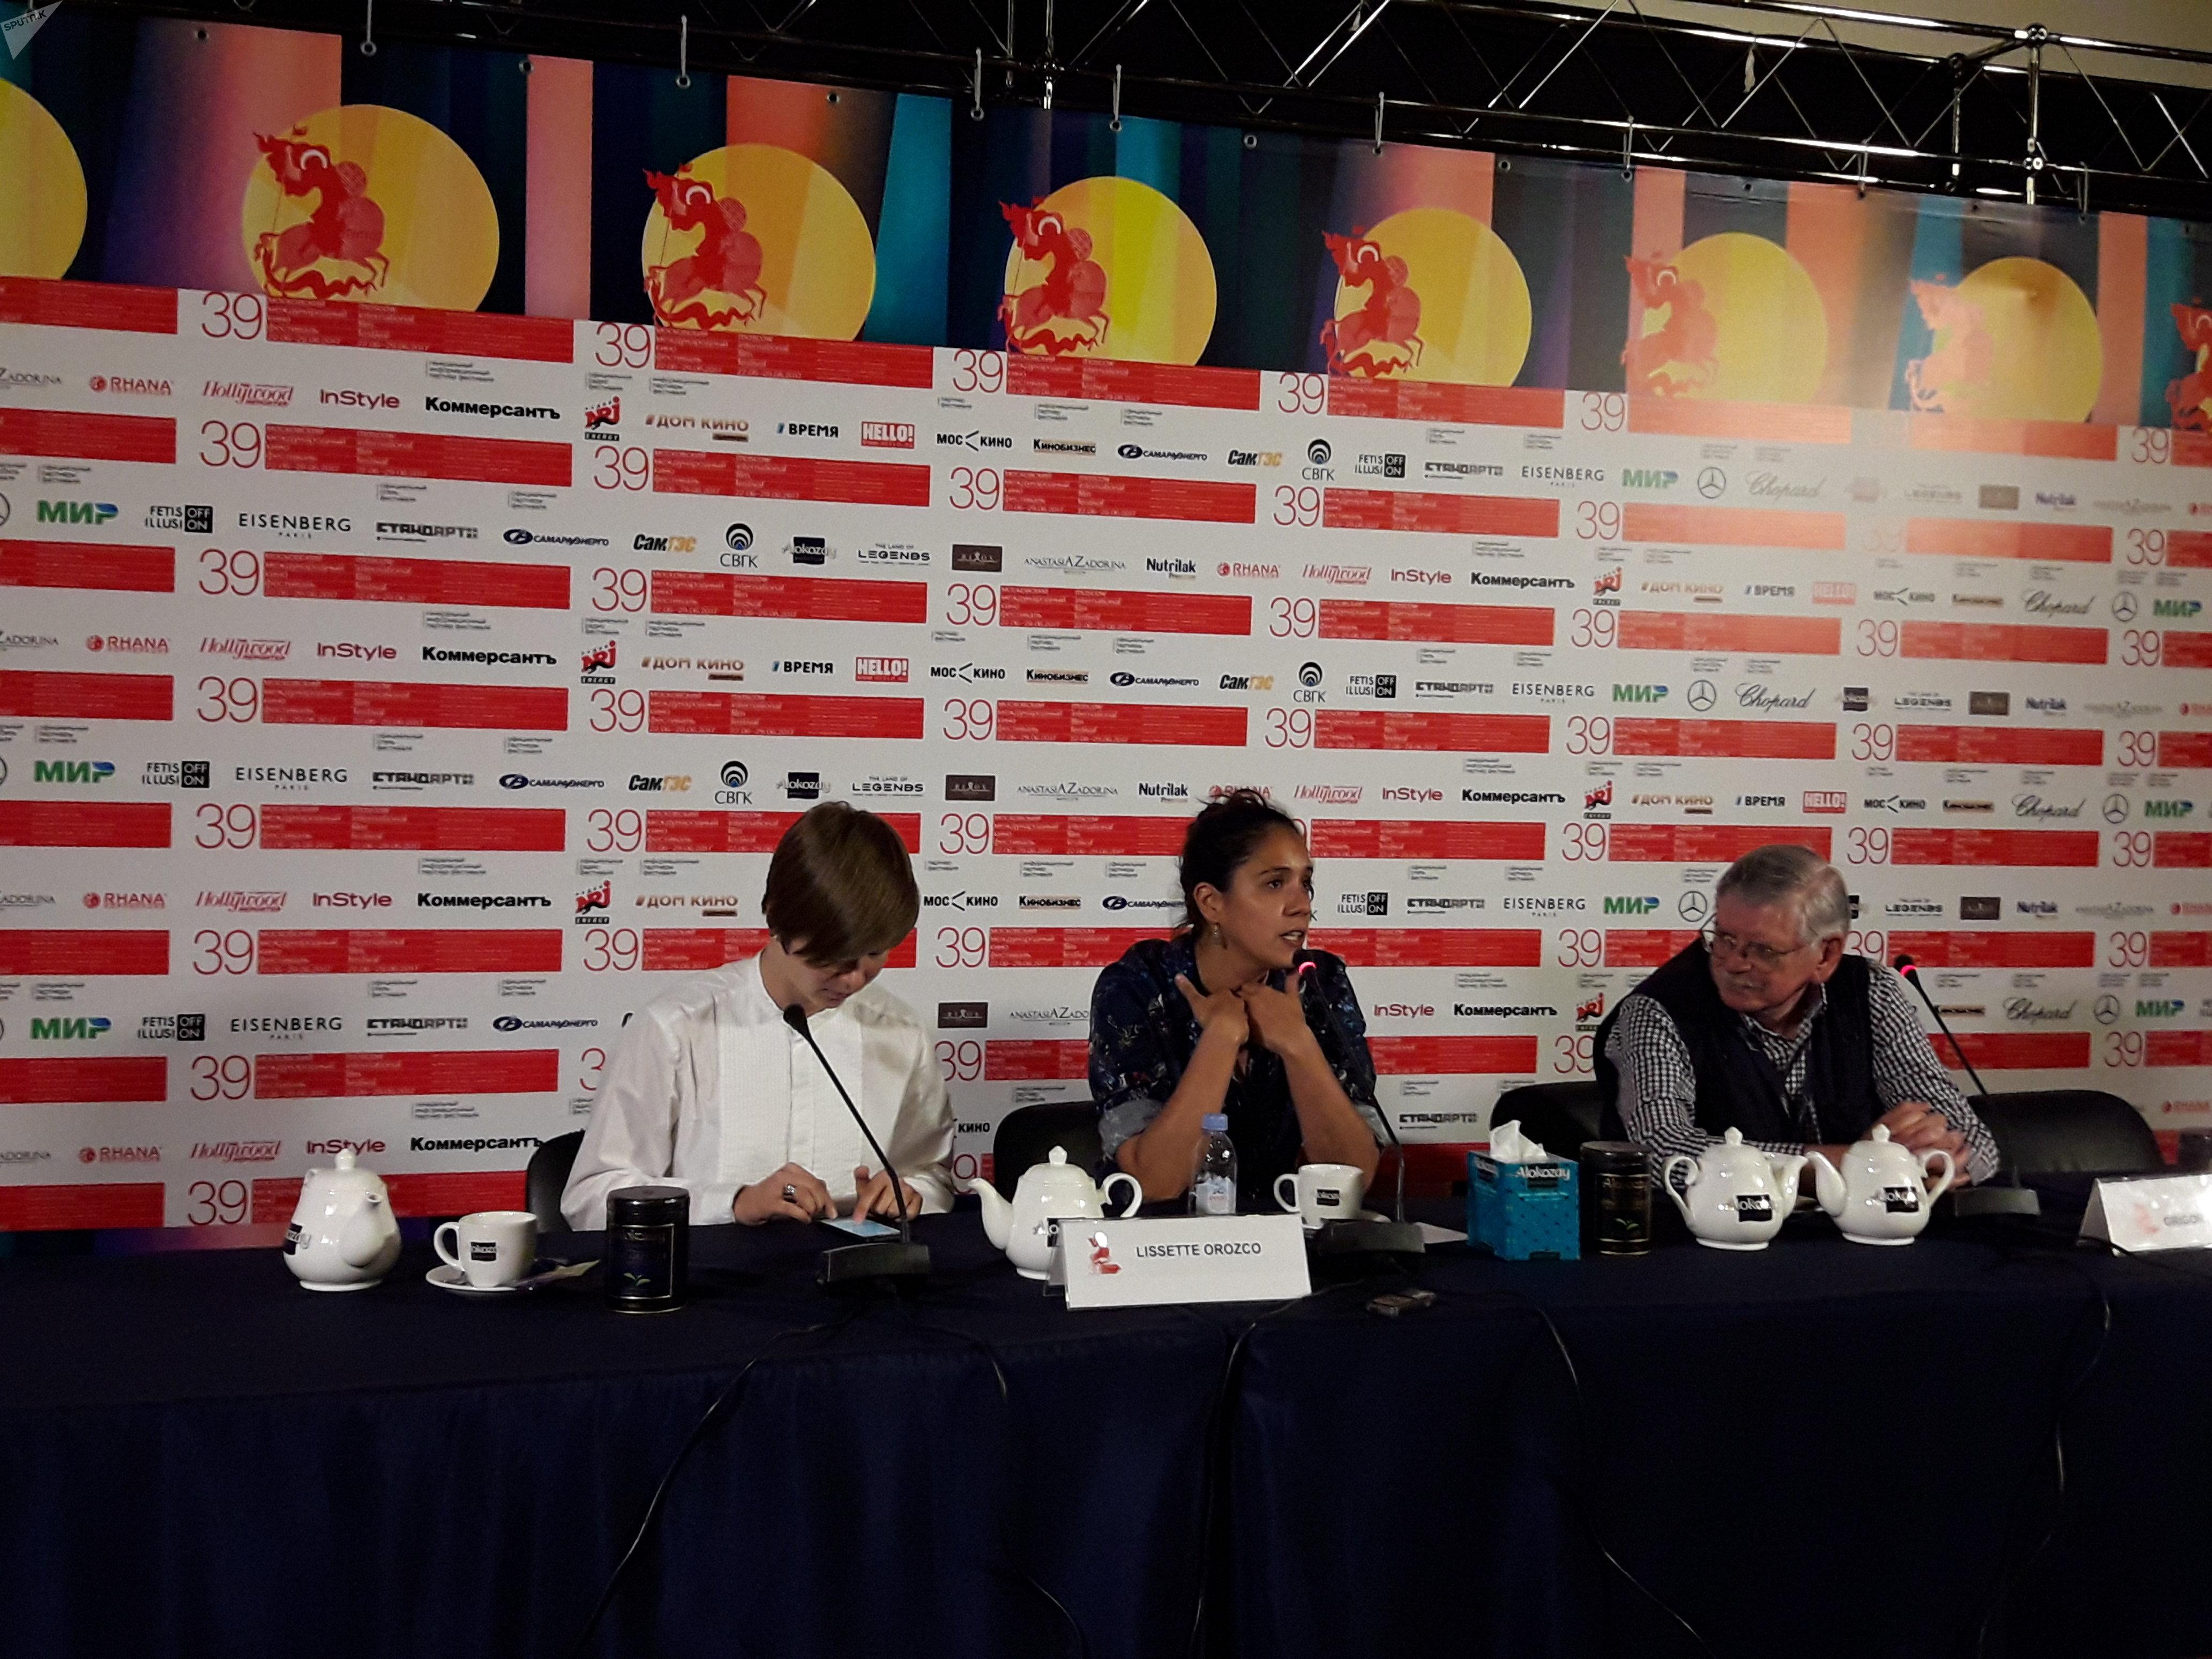 La directora chilena Lissette Orozco ofrece una rueda de prensa en Moscú